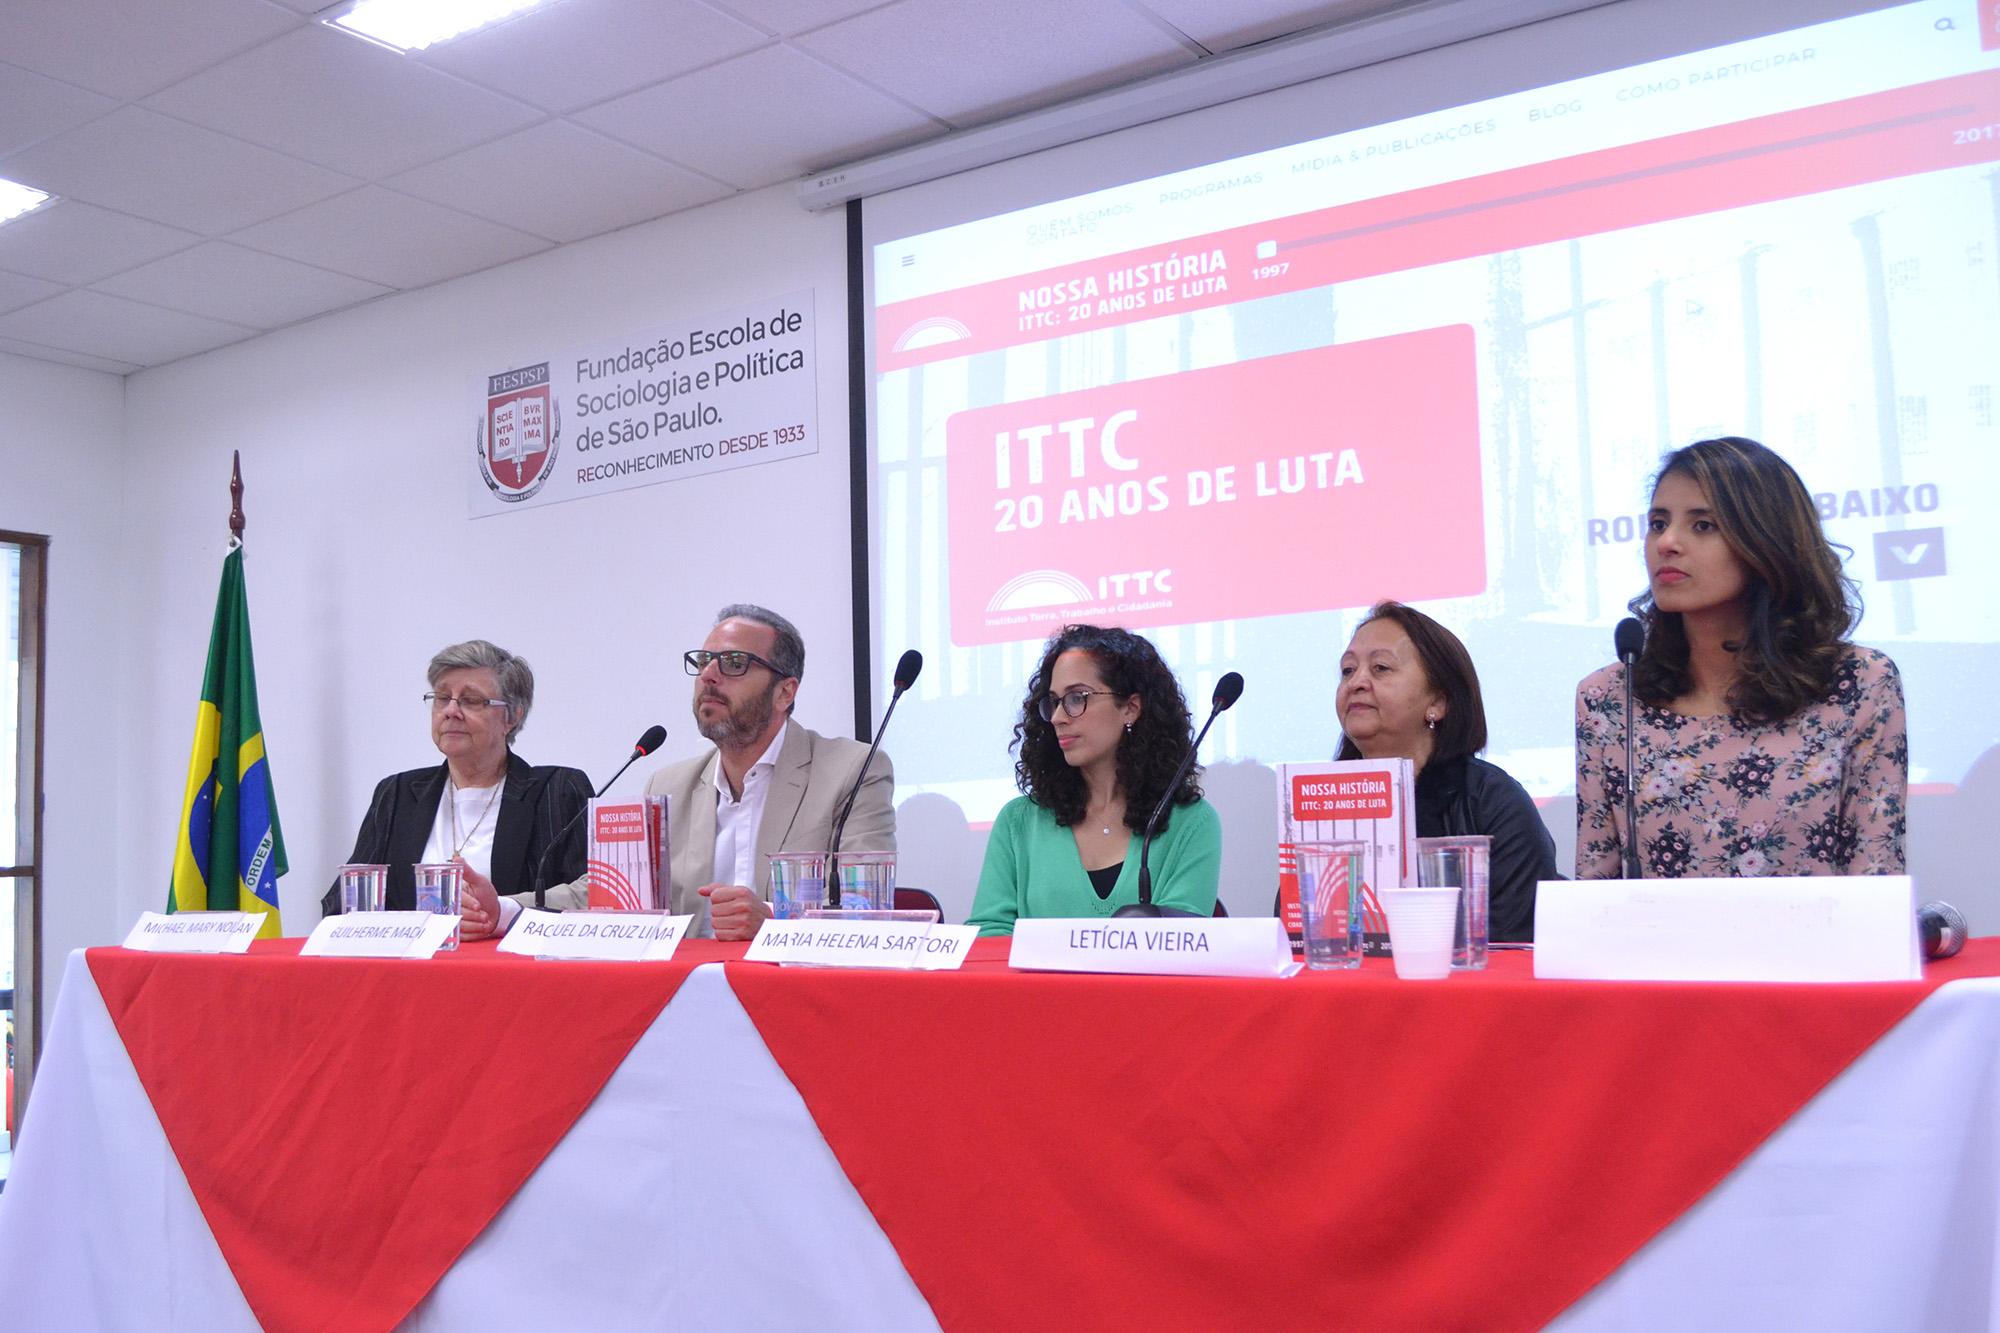 Foto da equipe da ONG Instituto Terra, Trabalho e Cidadania